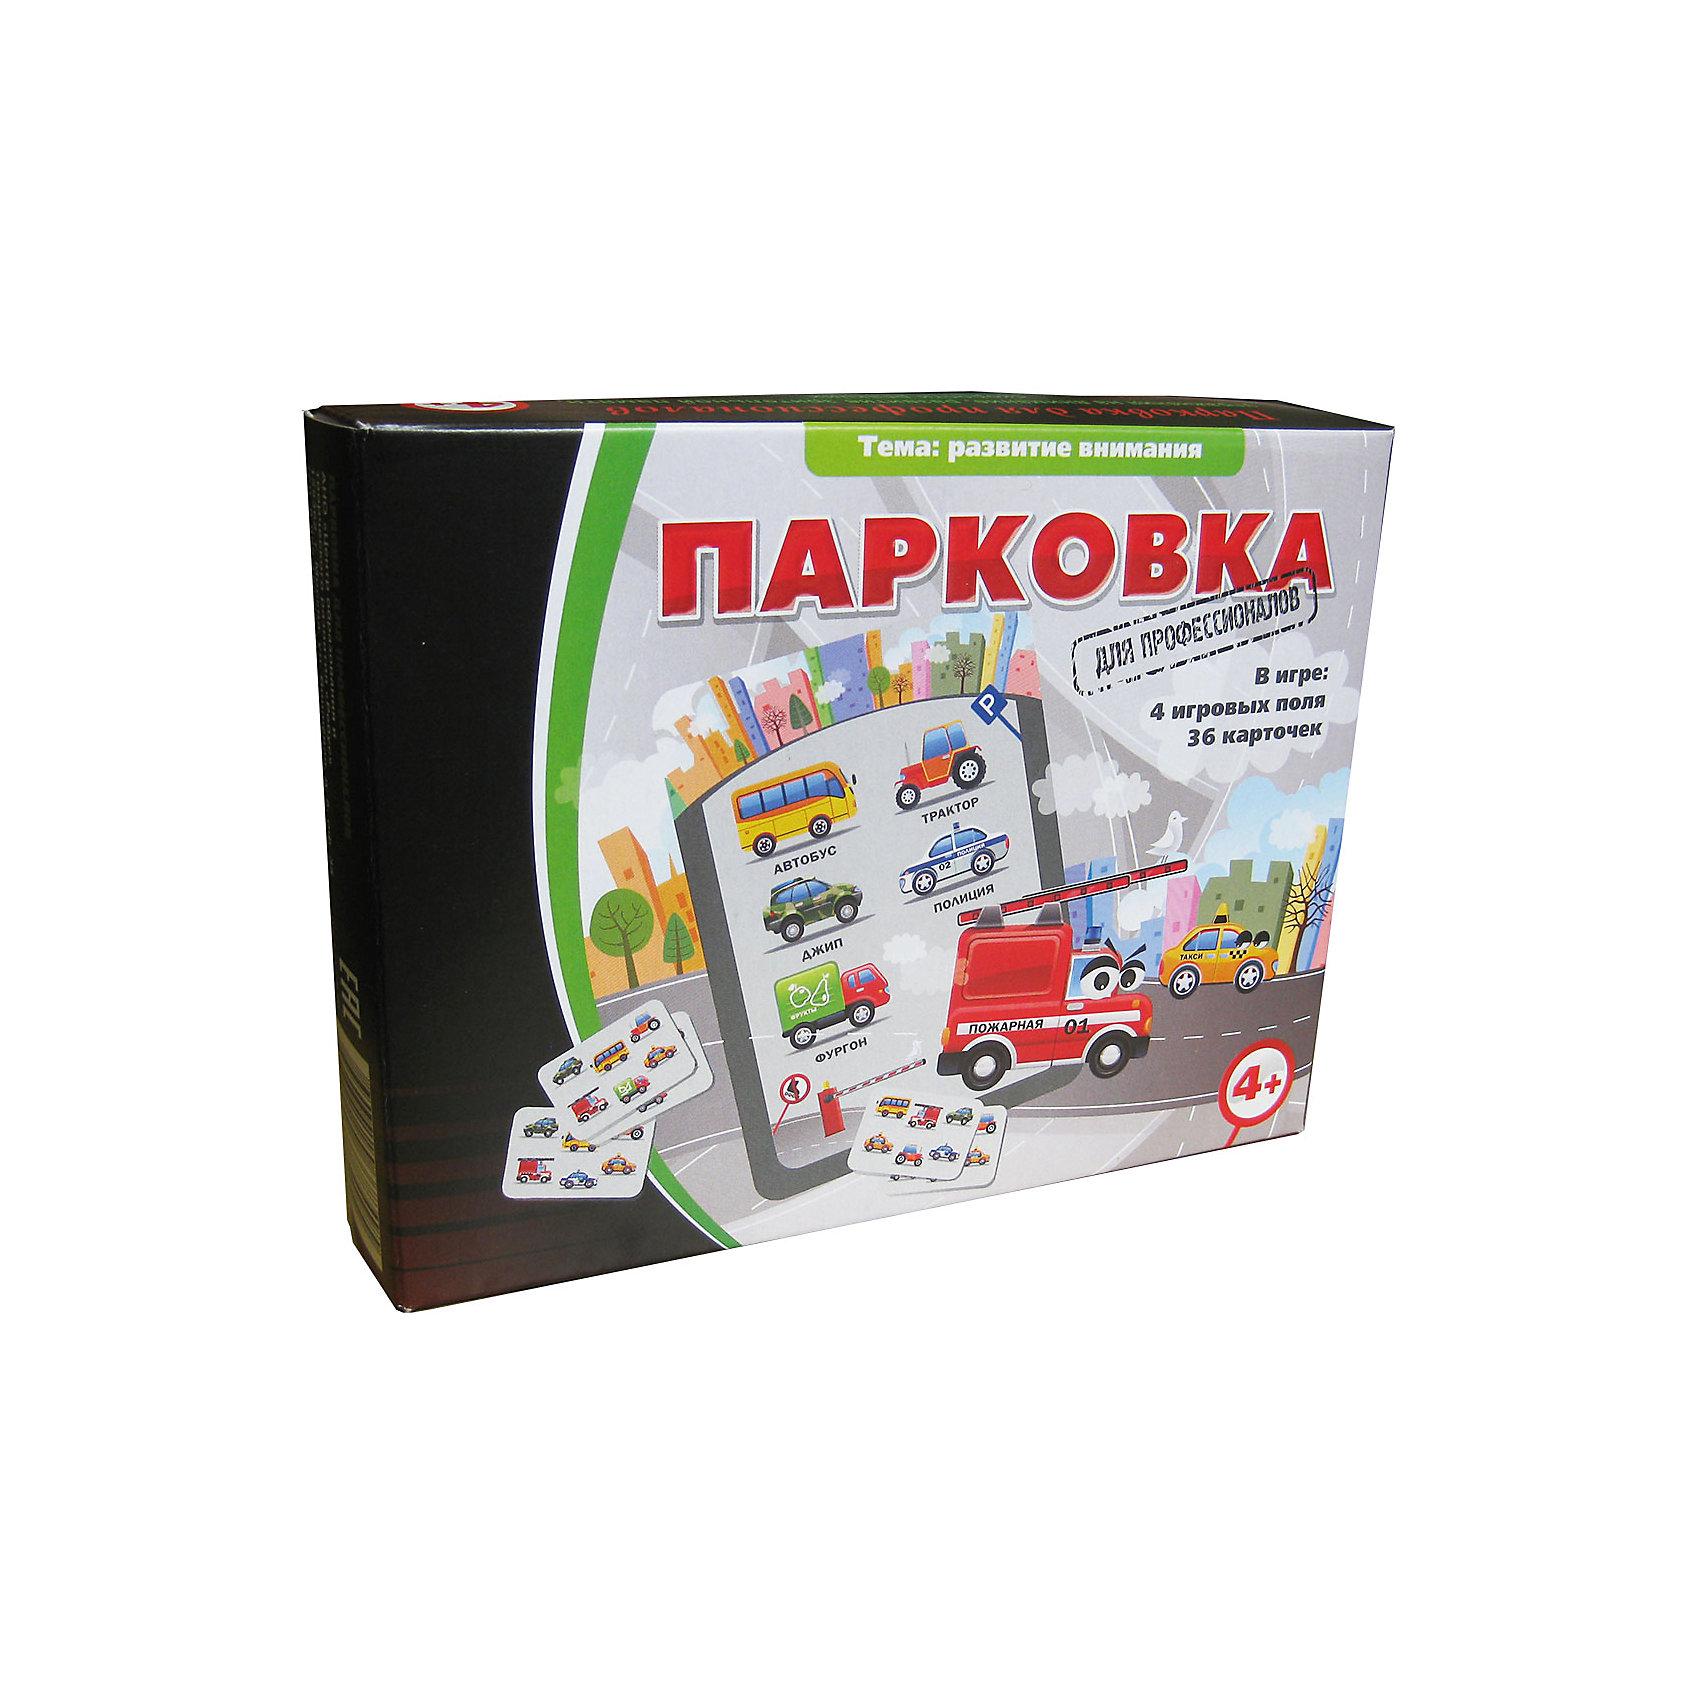 Парковка, Игротека Татьяны БарчанКарточные игры<br>Парковка, Игротека Татьяны Барчан.<br><br>Характеристики:<br><br>• Для детей в возрасте: от 4 до 10 лет<br>• В комплекте: 4 карточки-парковки, 36 игровых карт, инструкция<br>• Тема: Развитие внимания<br>• Материал: плотный качественный картон<br>• Производитель: ЦОТР Ребус (Россия)<br>• Упаковка: картонная коробка<br>• Размер упаковки: 135х180х40 мм.<br>• Вес: 166 гр.<br><br>Эта игра безоговорочно покорит любого мальчишку. В комплекте: 4 карточки-парковки, на которых изображено семь машин и 36 игровых карт, на которых изображено 6 машин. В игре принимают участие от 2 до 4 человек. Каждый участник получает на руки по одной карточке - парковке и запоминает машины, изображенные на ней. Игровые карточки складываются стопкой на столе, так чтобы игроки не видели нарисованные на них картинки. <br><br>Ведущий берет из стопки верхнюю карточку, переворачивает и быстро кладет на стол. Тот, кто первым называет отсутствующую на карте машину - забирает выигранную карточку себе. Когда все карточки разобраны игроками, подсчитывается количество очков и определяется победитель. Игра развивает у малышей внимание, усидчивость, зрительную память и скорость реакции.<br><br>Игру Парковка, Игротека Татьяны Барчан можно купить в нашем интернет-магазине.<br><br>Ширина мм: 180<br>Глубина мм: 135<br>Высота мм: 40<br>Вес г: 164<br>Возраст от месяцев: 48<br>Возраст до месяцев: 120<br>Пол: Унисекс<br>Возраст: Детский<br>SKU: 6751344